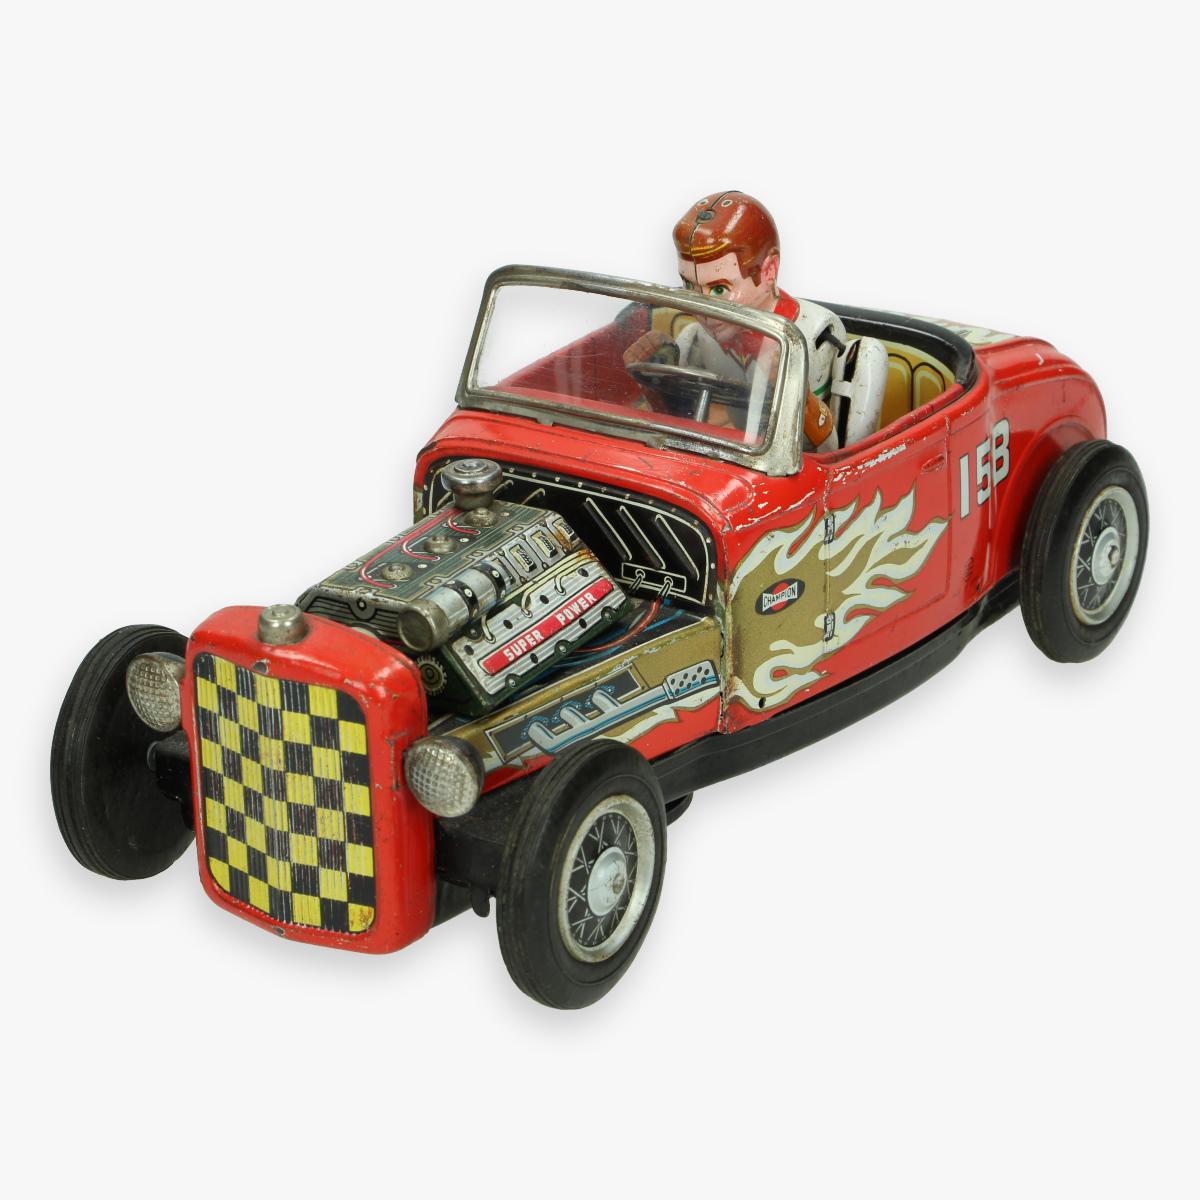 Afbeeldingen van tin toy hot rod jaren 50 nomura made in Japan